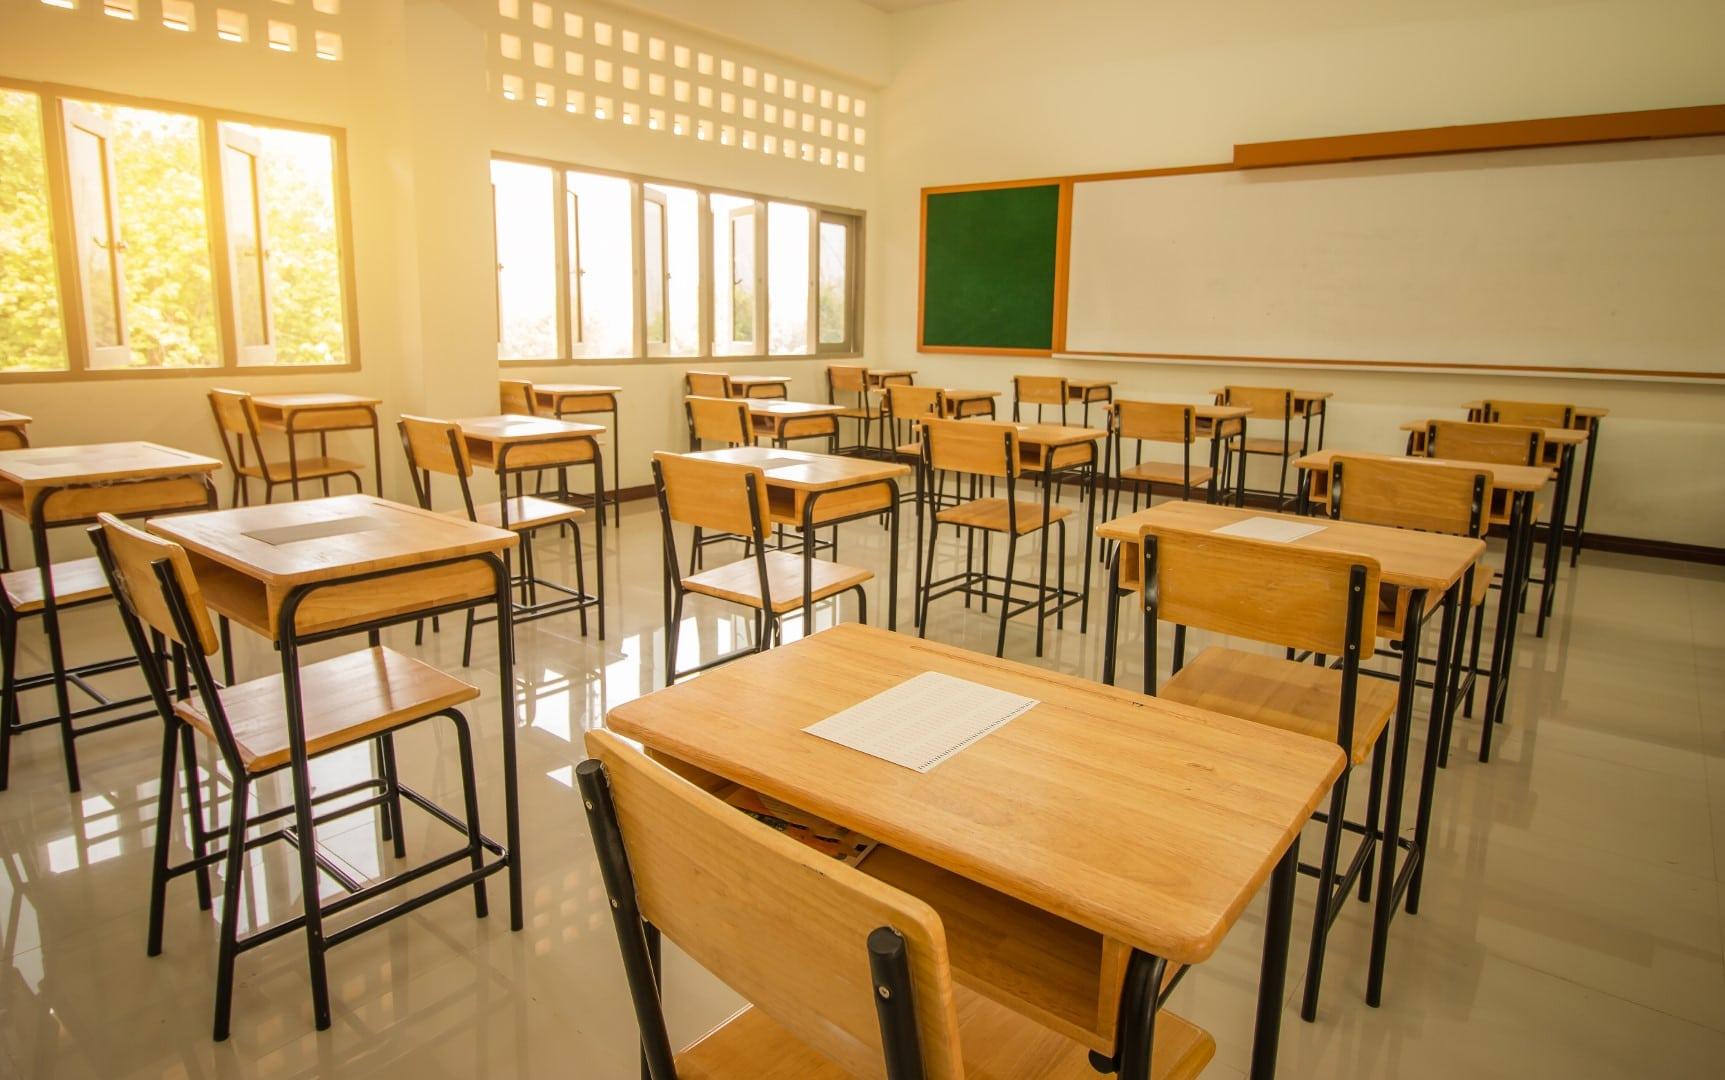 Convocatoria de bolsa docente única para todos los cuerpos y especialidades, en todas las islas, para el curso 2021-22 en el Gobierno de las Illes Balears